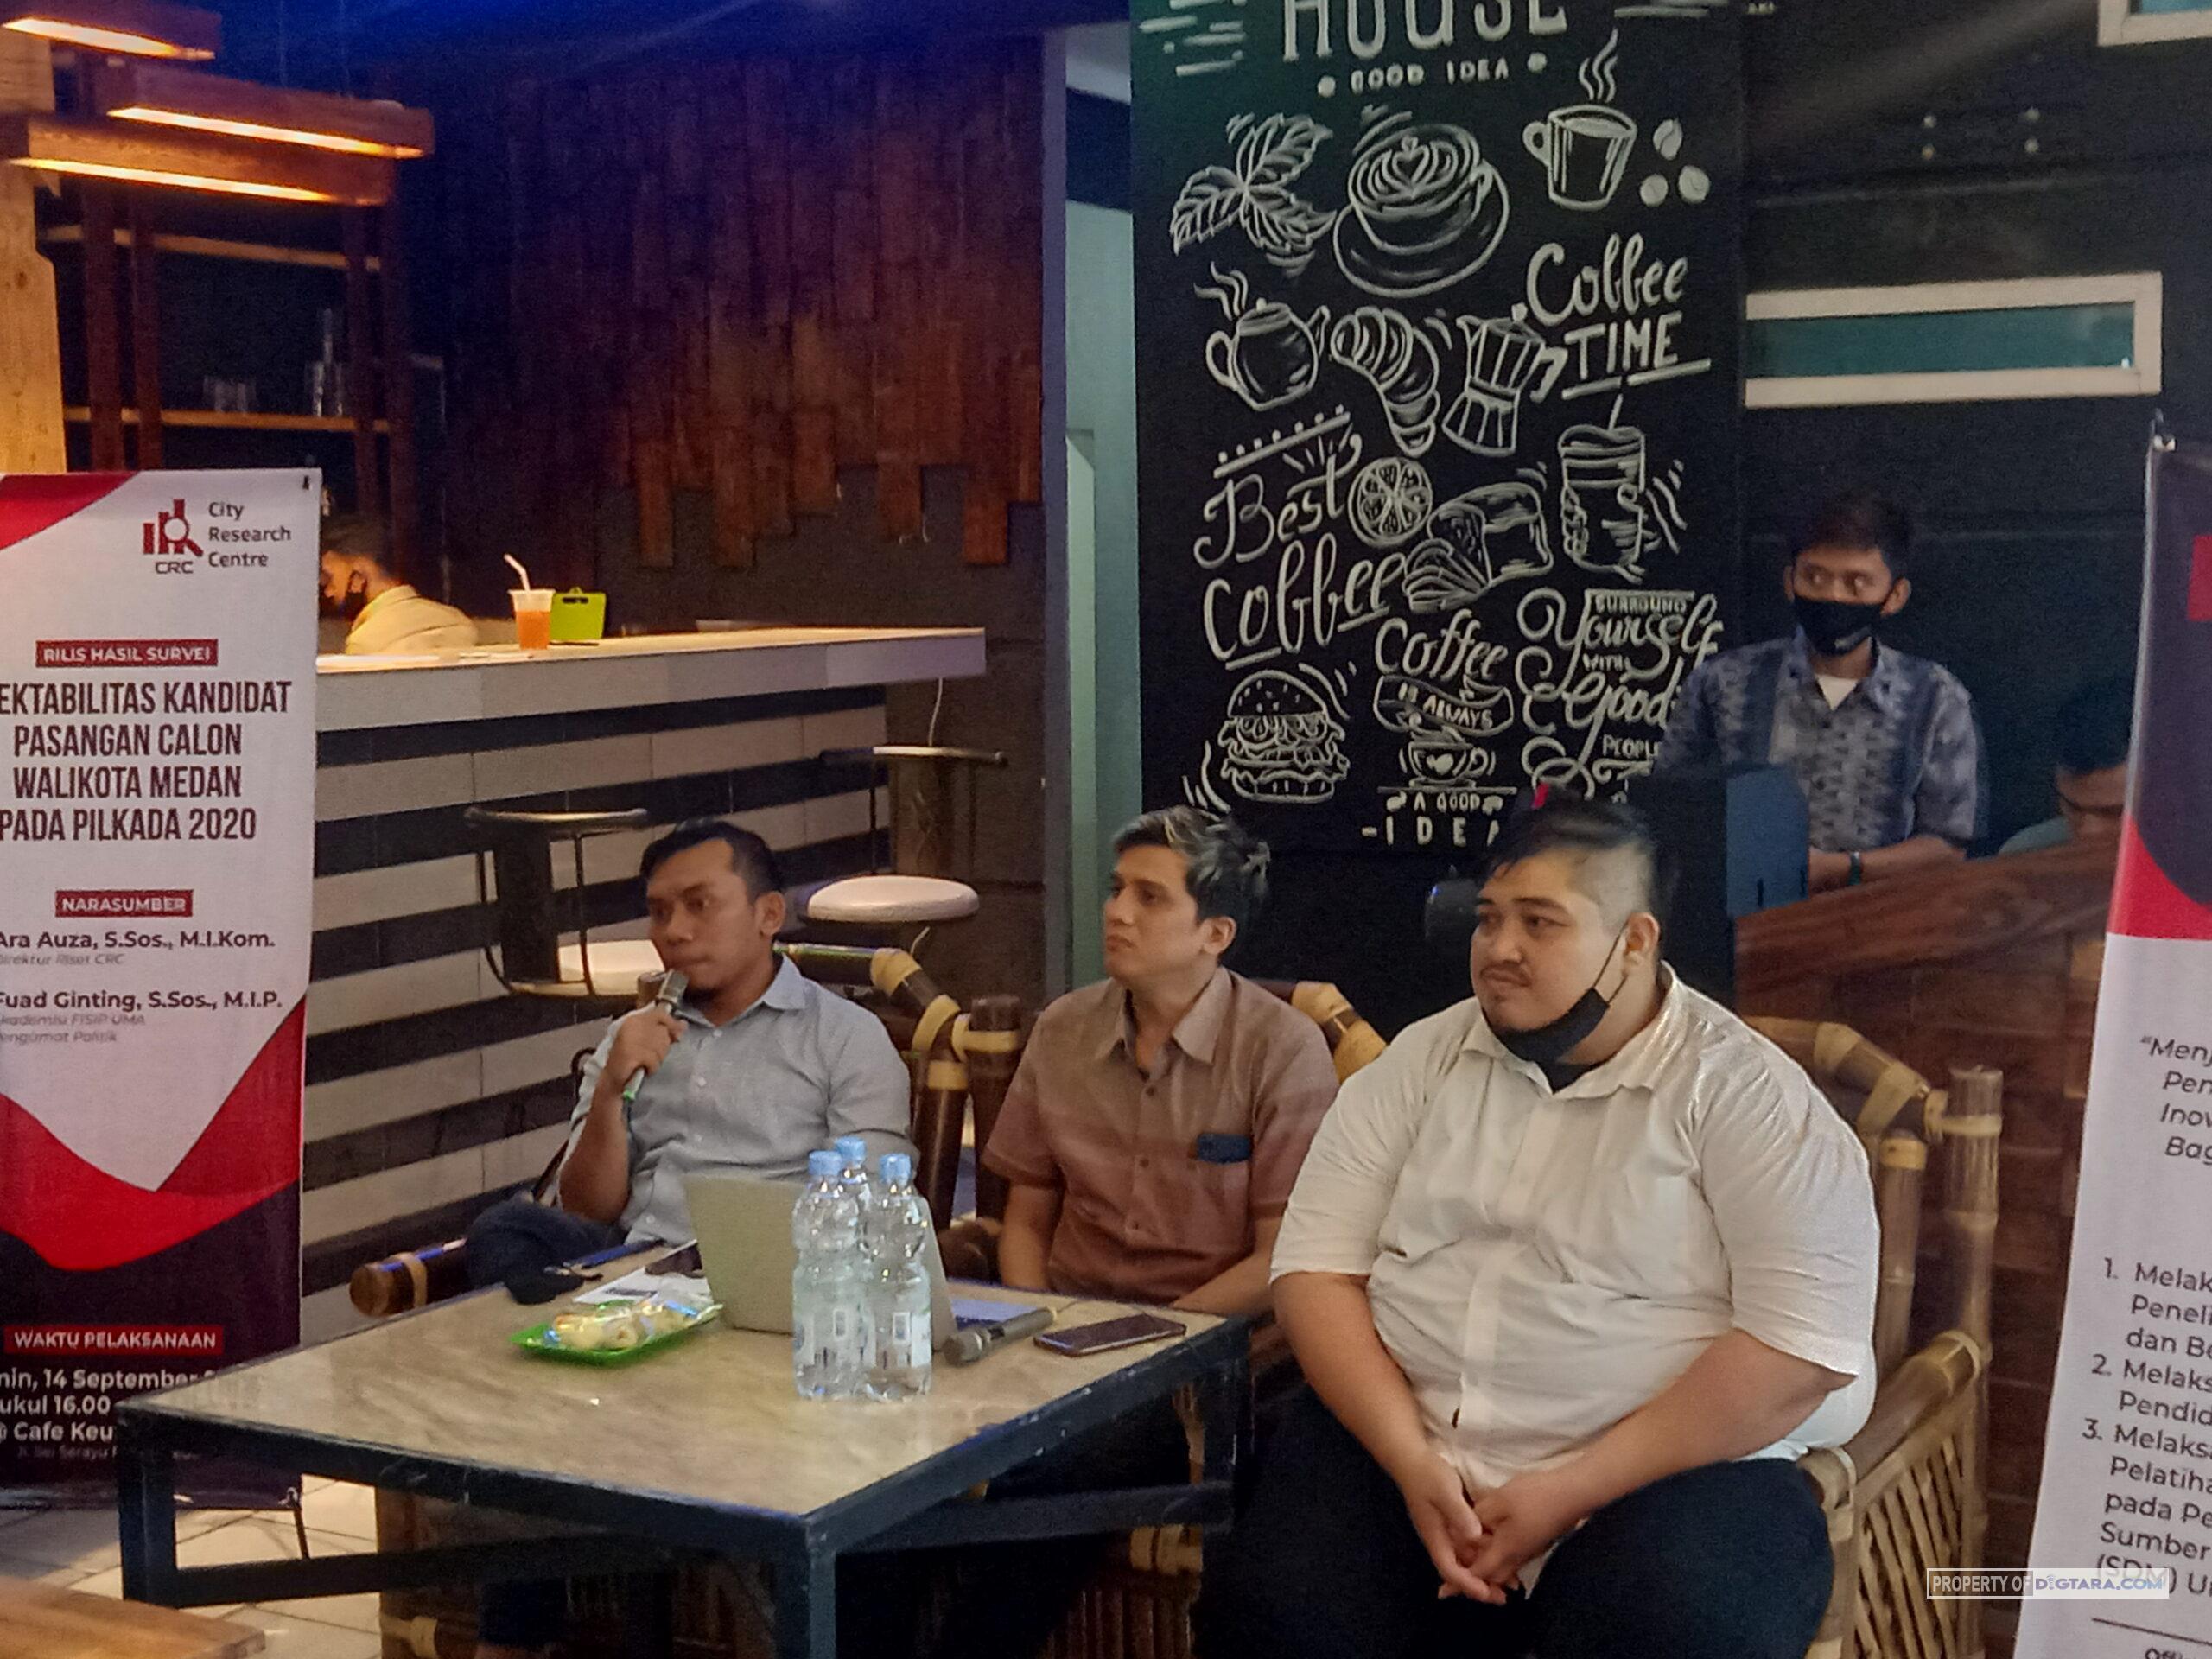 Pengamat Politik: Presentase Golput Berpotensi Serupa di Pilkada Medan 2015